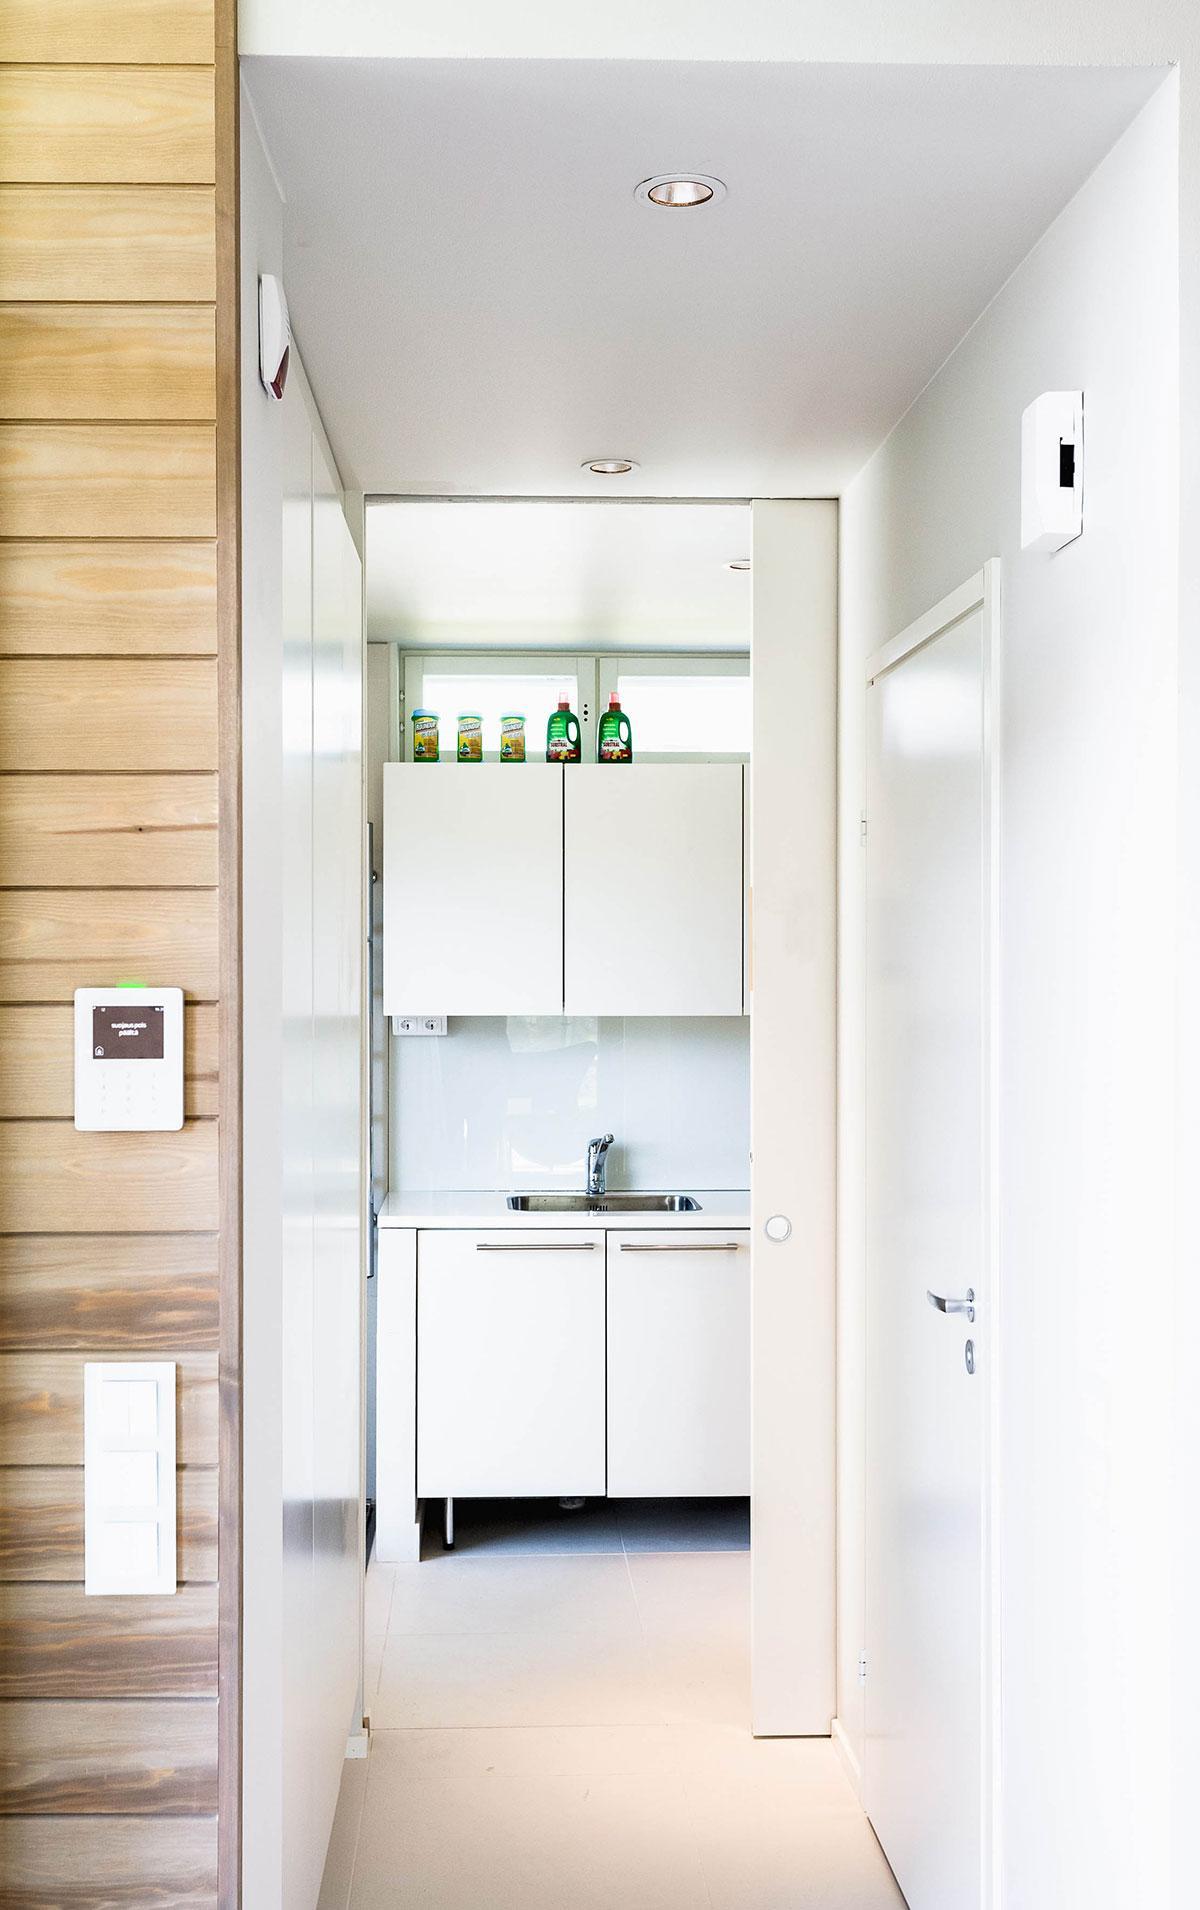 Liukuovet vapauttavat tilaa hyötykäyttöön kylpyhuoneessa